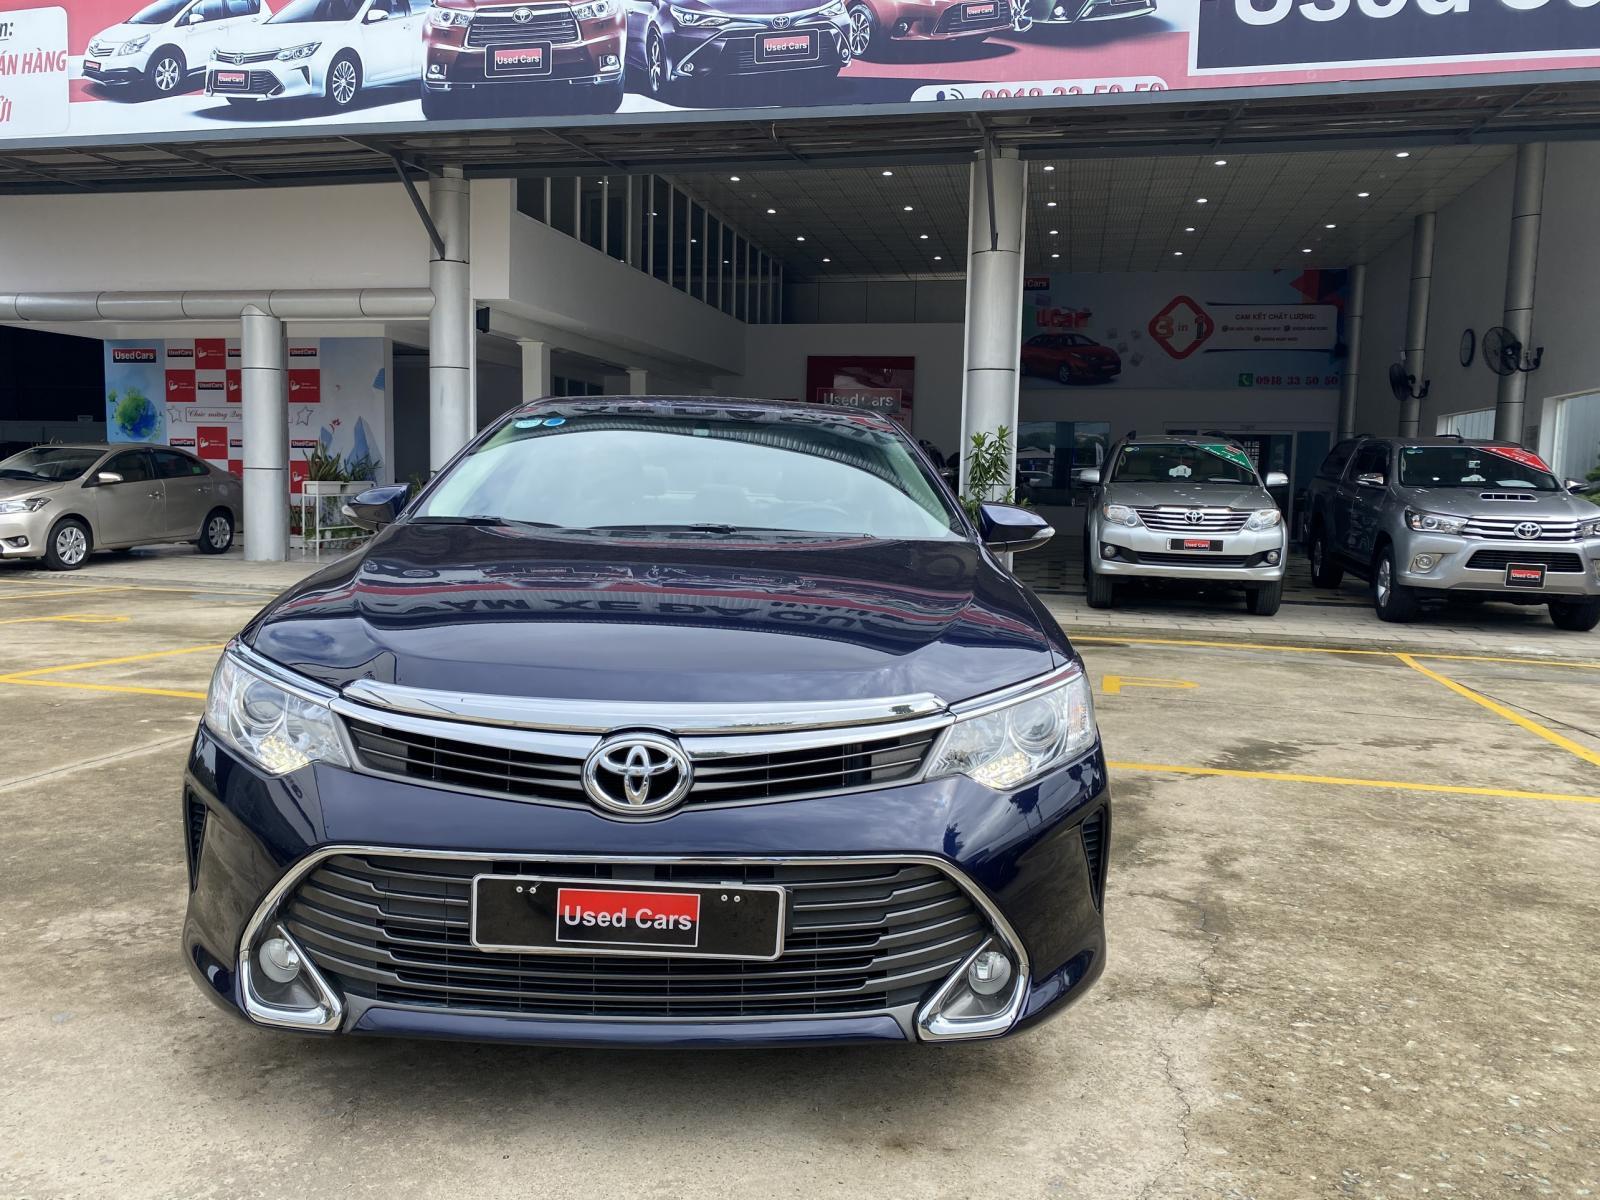 Cần bán Toyota Camry 2.0E đời 2016, màu xanh lam